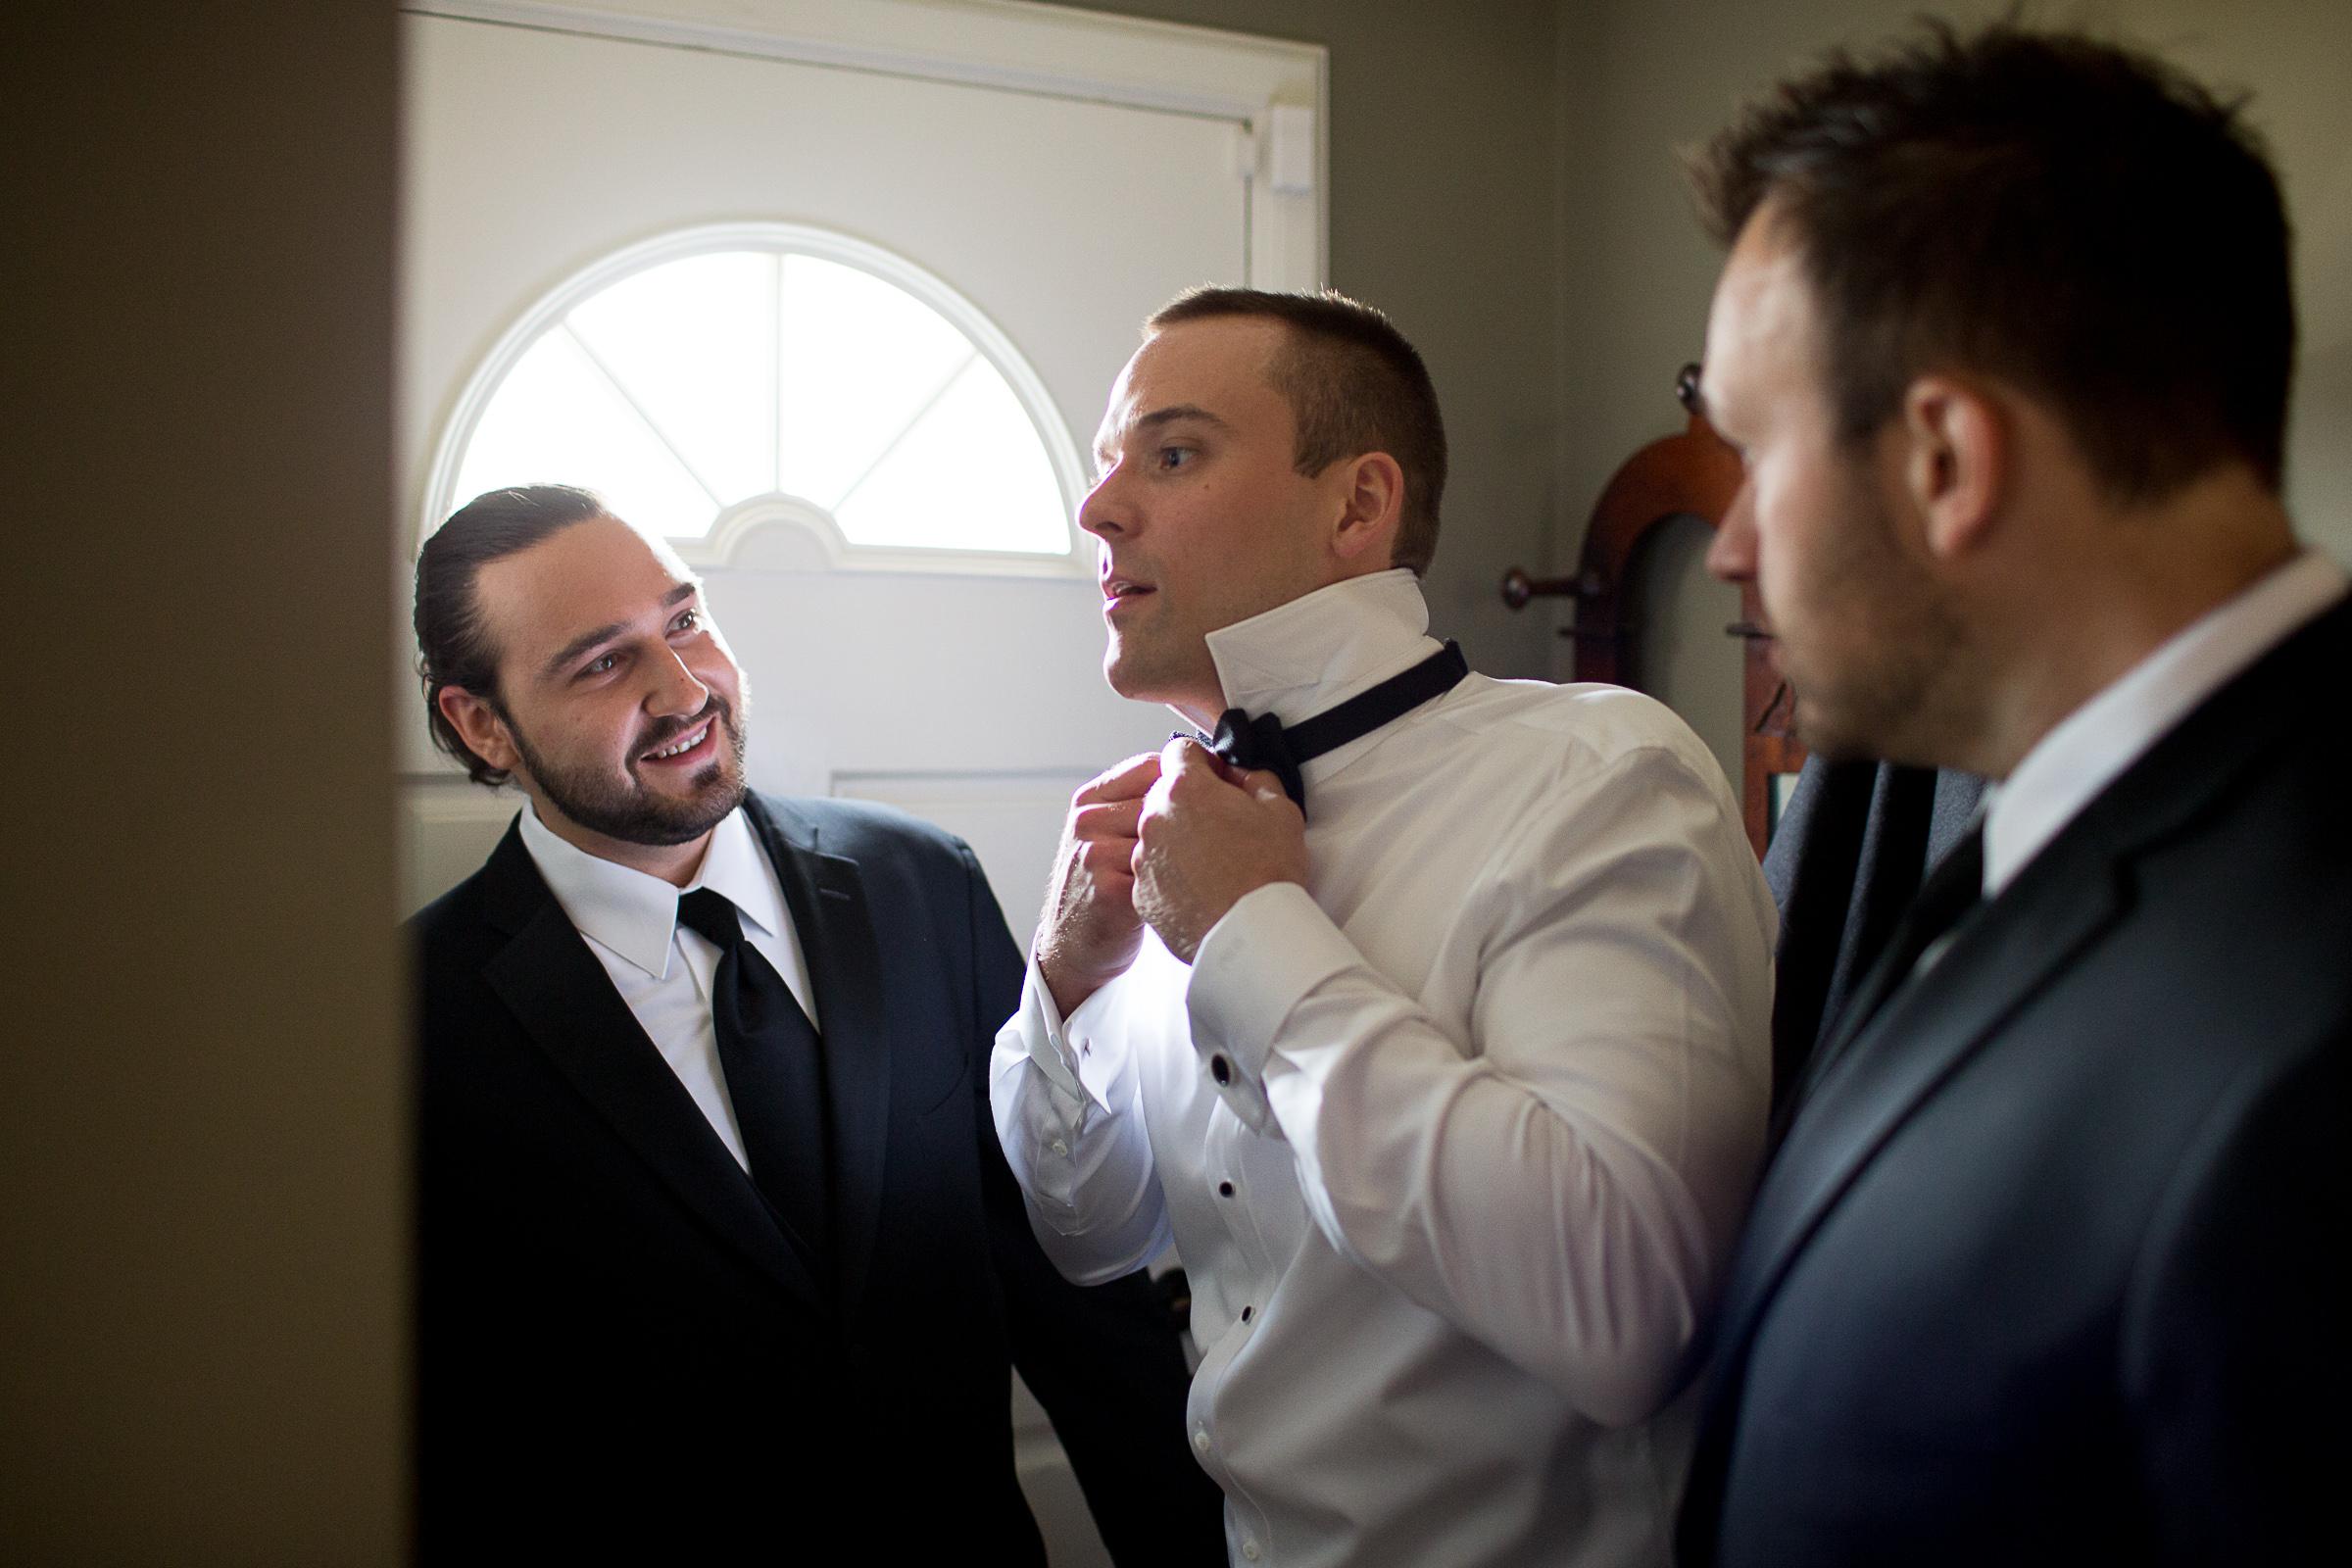 renee-ian-wedding-slideshow-007.jpg